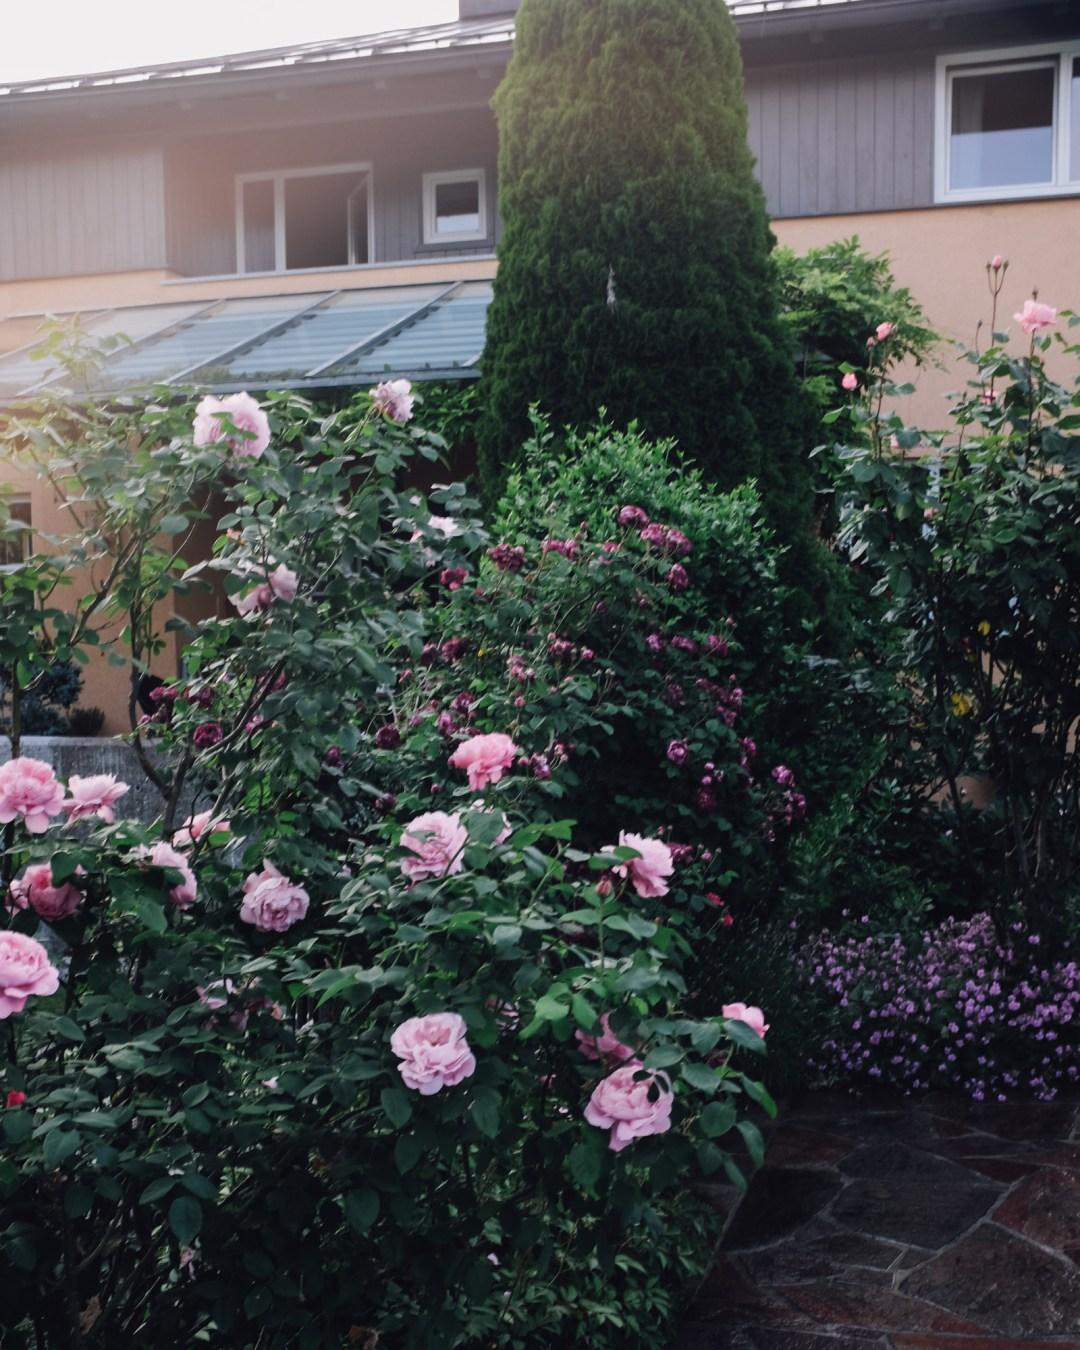 inastil, over50blogger, rosen, historische rosen, garten, sommergarten, rosengarten, gartenliebe, holler, holunder, holundersirsup, hugo, sommerabend, rosenliebe, haus und garten, rosenstrauß-9